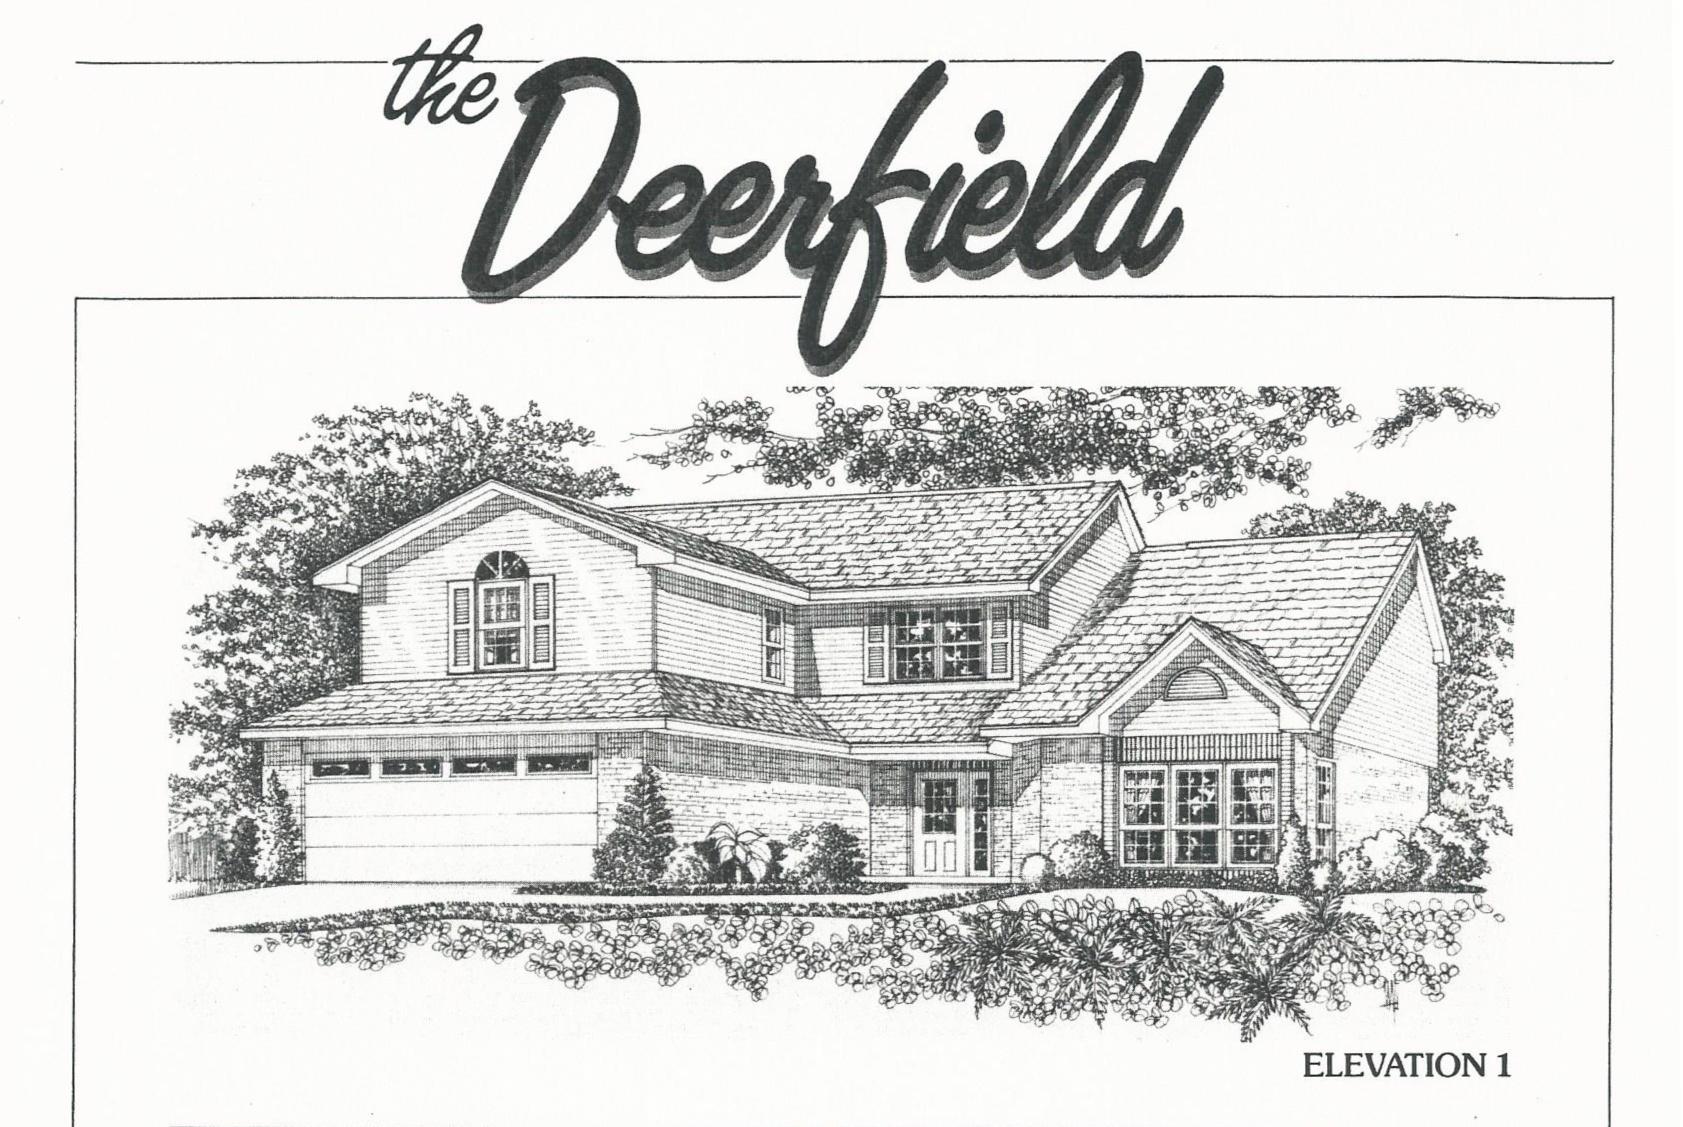 Huber Home Floor Plans: The Deerfield